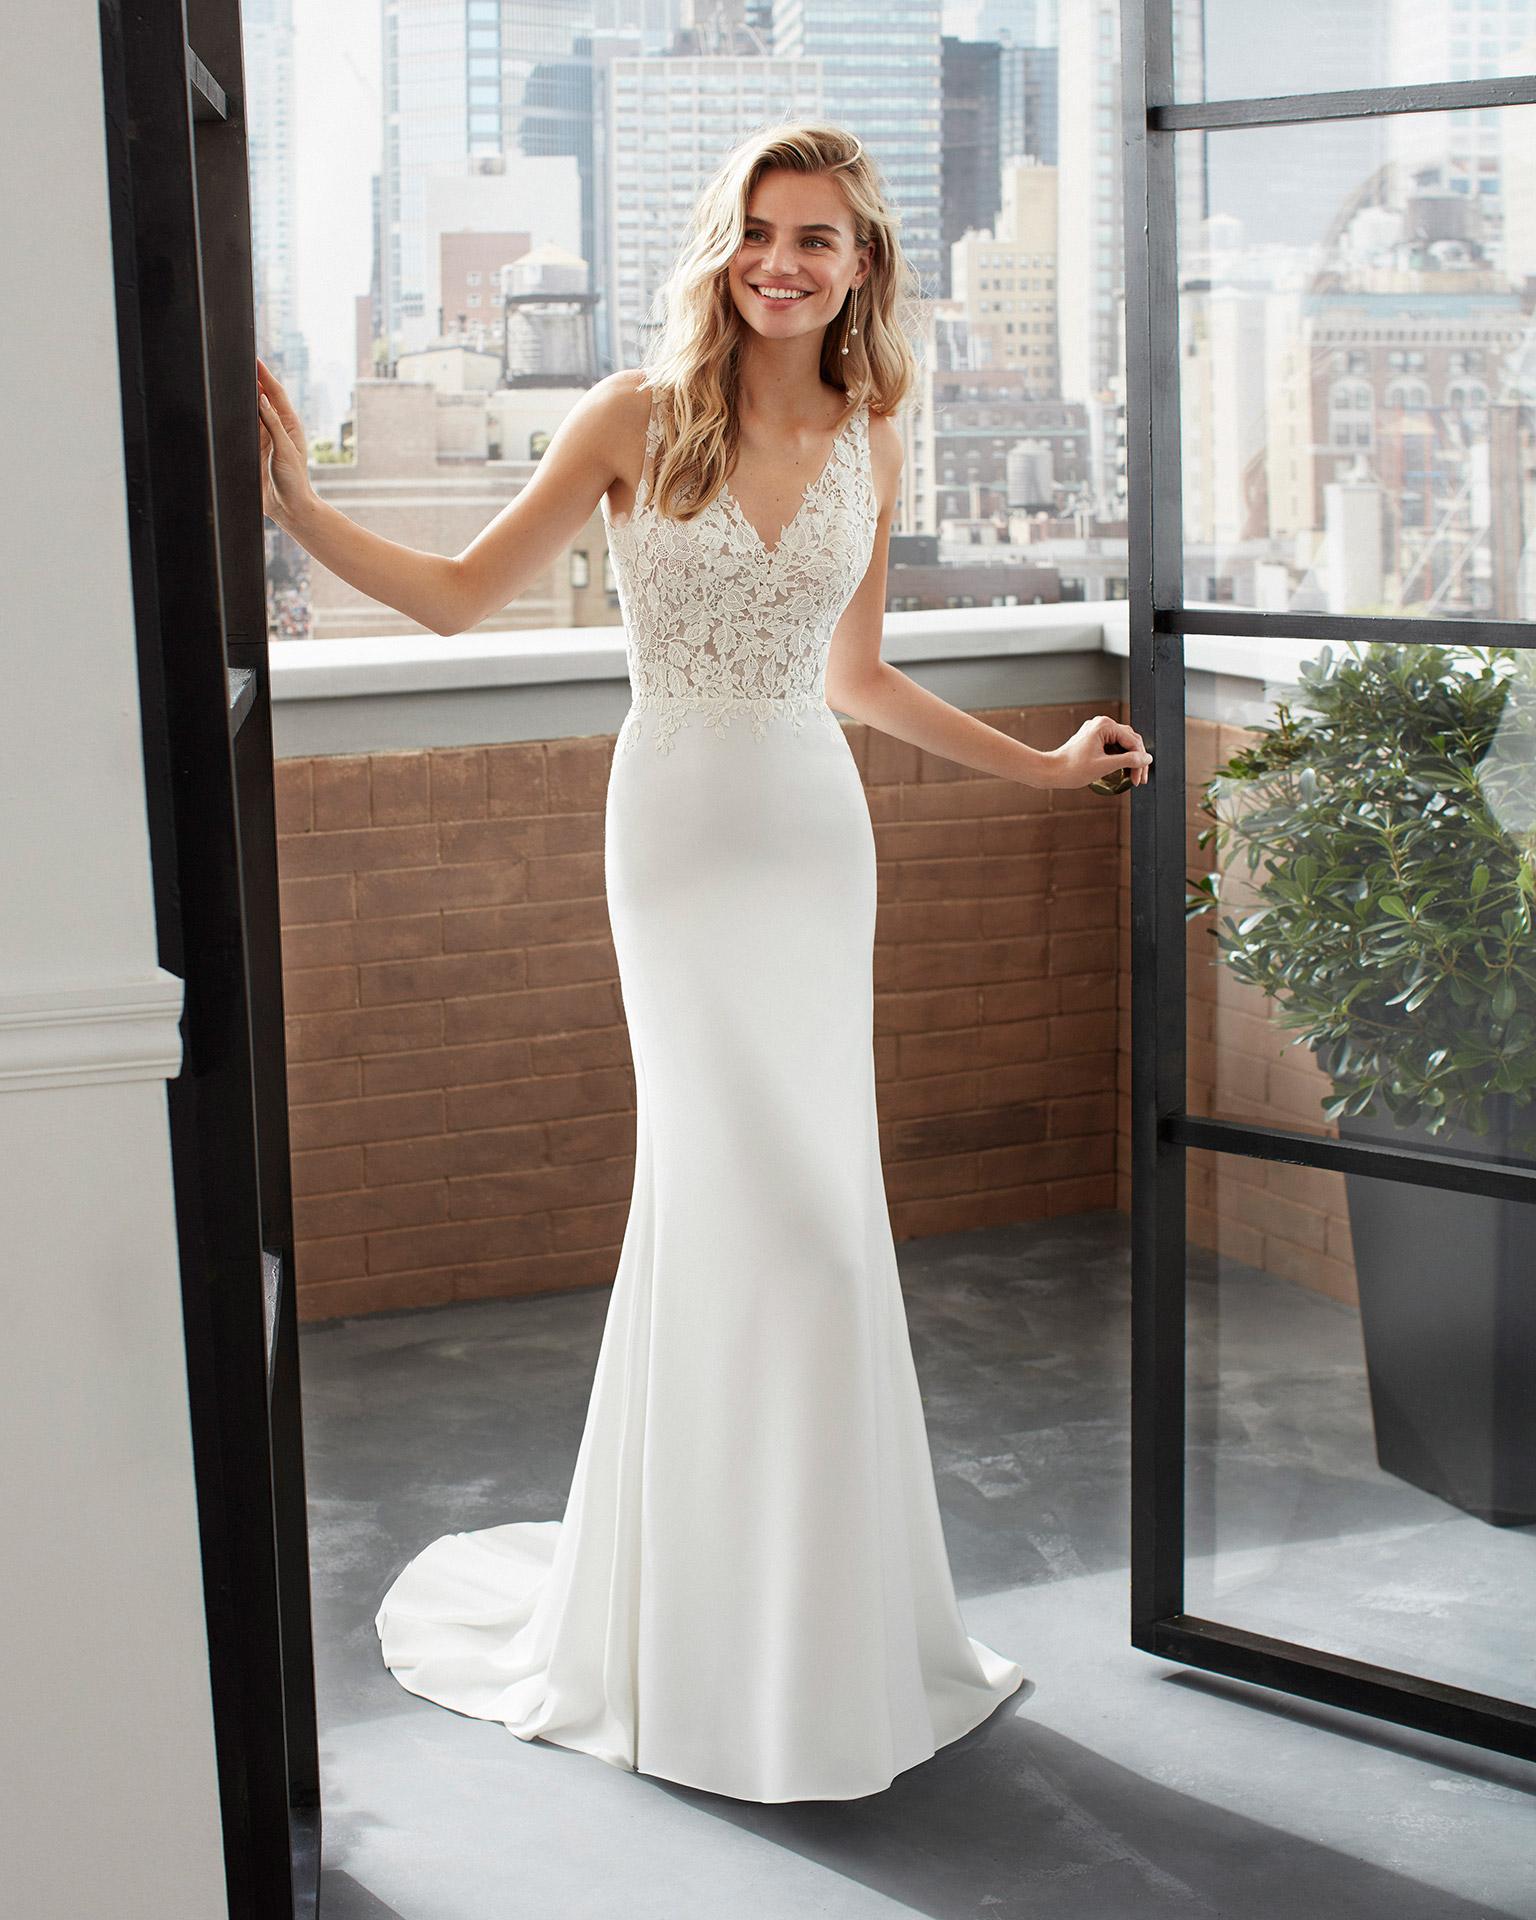 Vestido y sobrefalda de novia estilo princesa de tul, encaje y crep con escote en V y espalda escotada. Colección  2020.